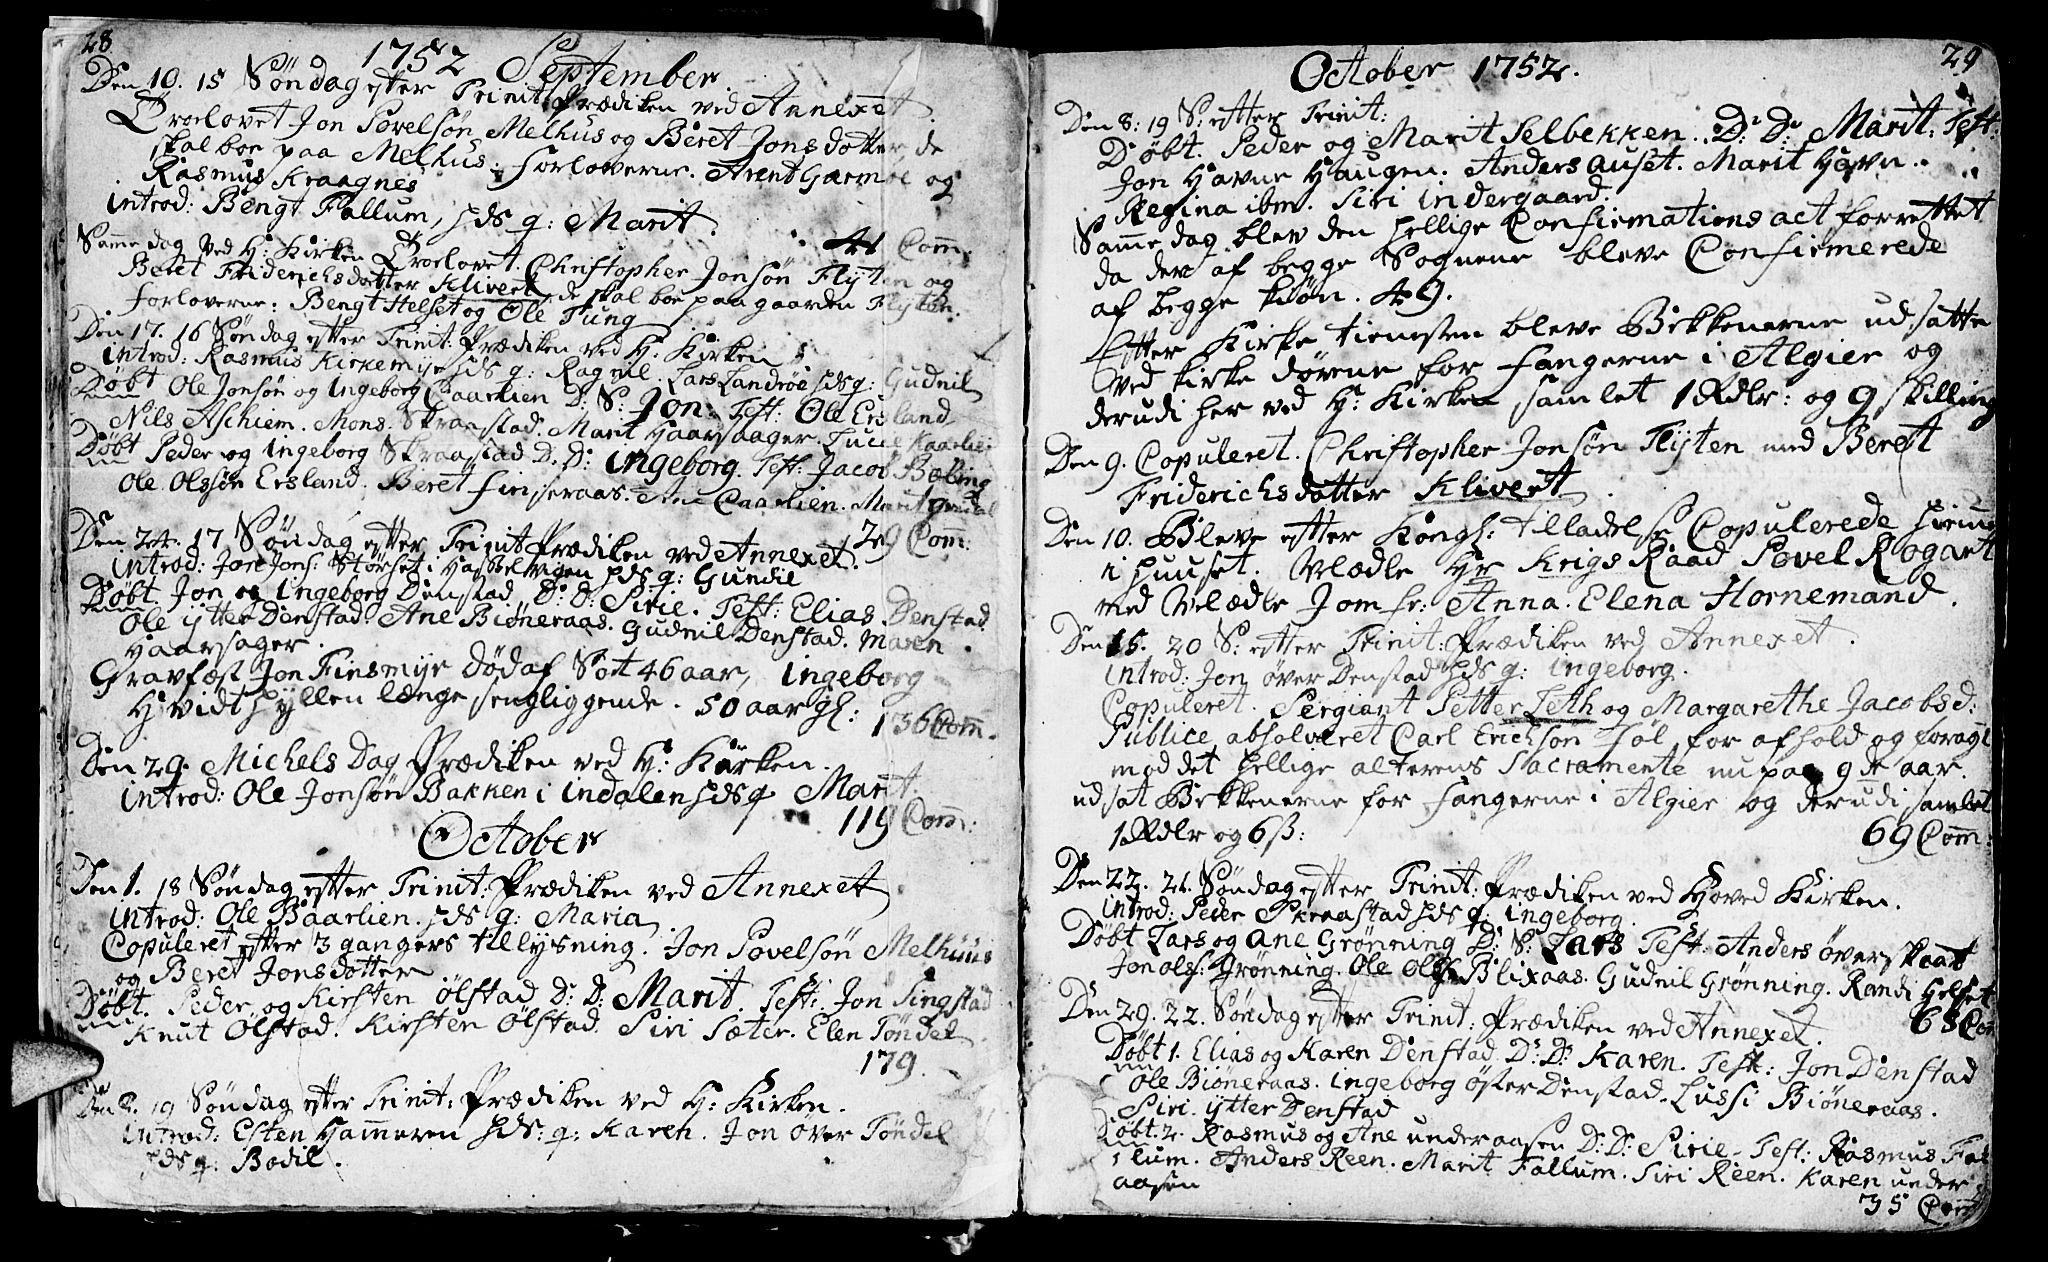 SAT, Ministerialprotokoller, klokkerbøker og fødselsregistre - Sør-Trøndelag, 646/L0605: Ministerialbok nr. 646A03, 1751-1790, s. 28-29